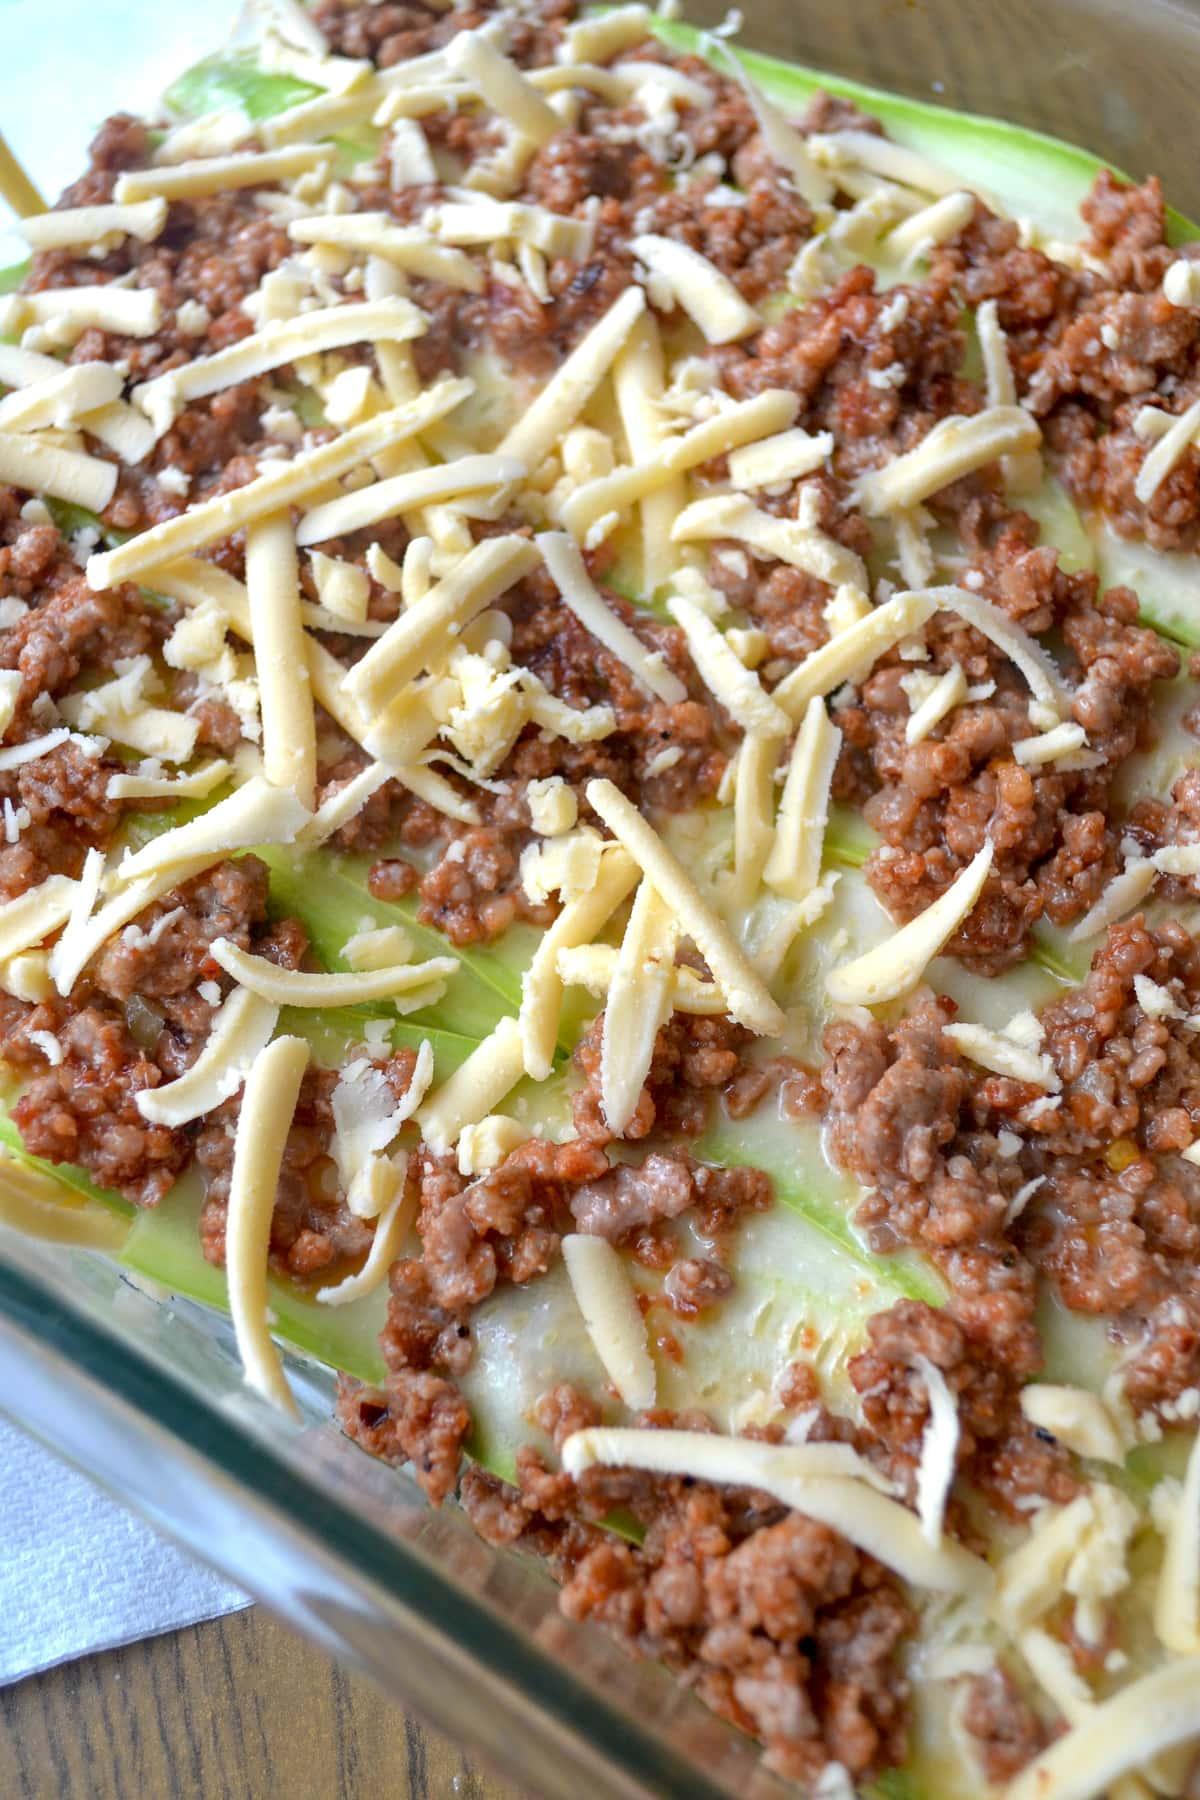 Keto zucchini lasagna preparation